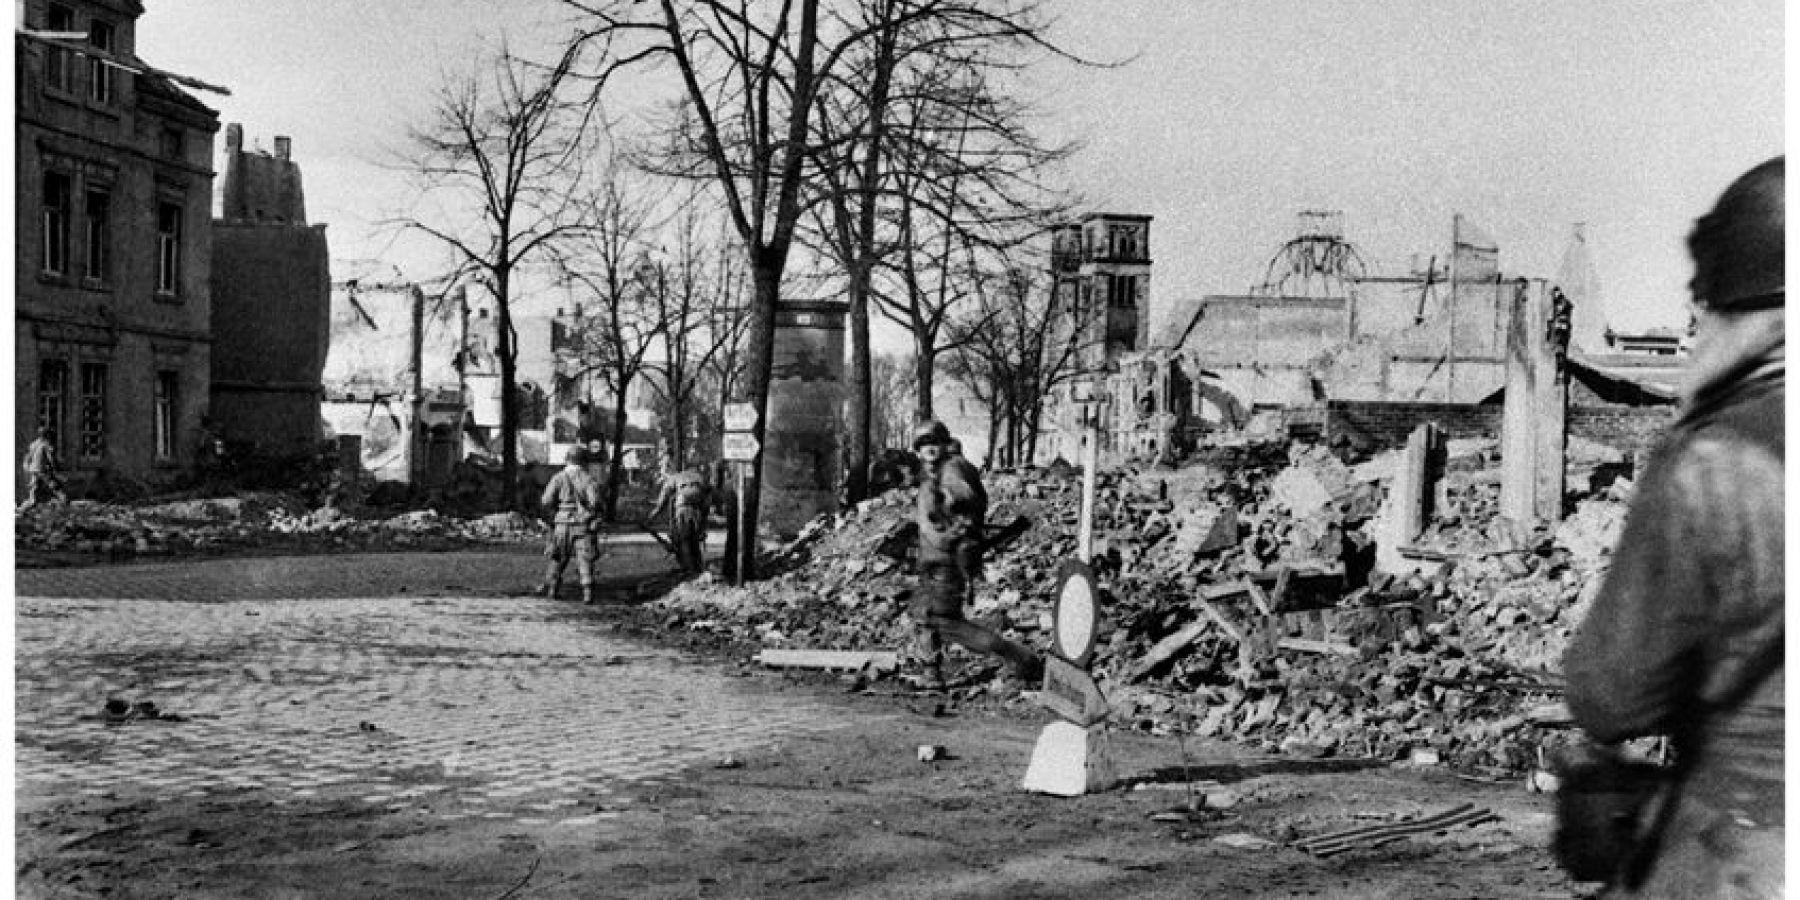 Filmdokumente von Elend und Zerstörung